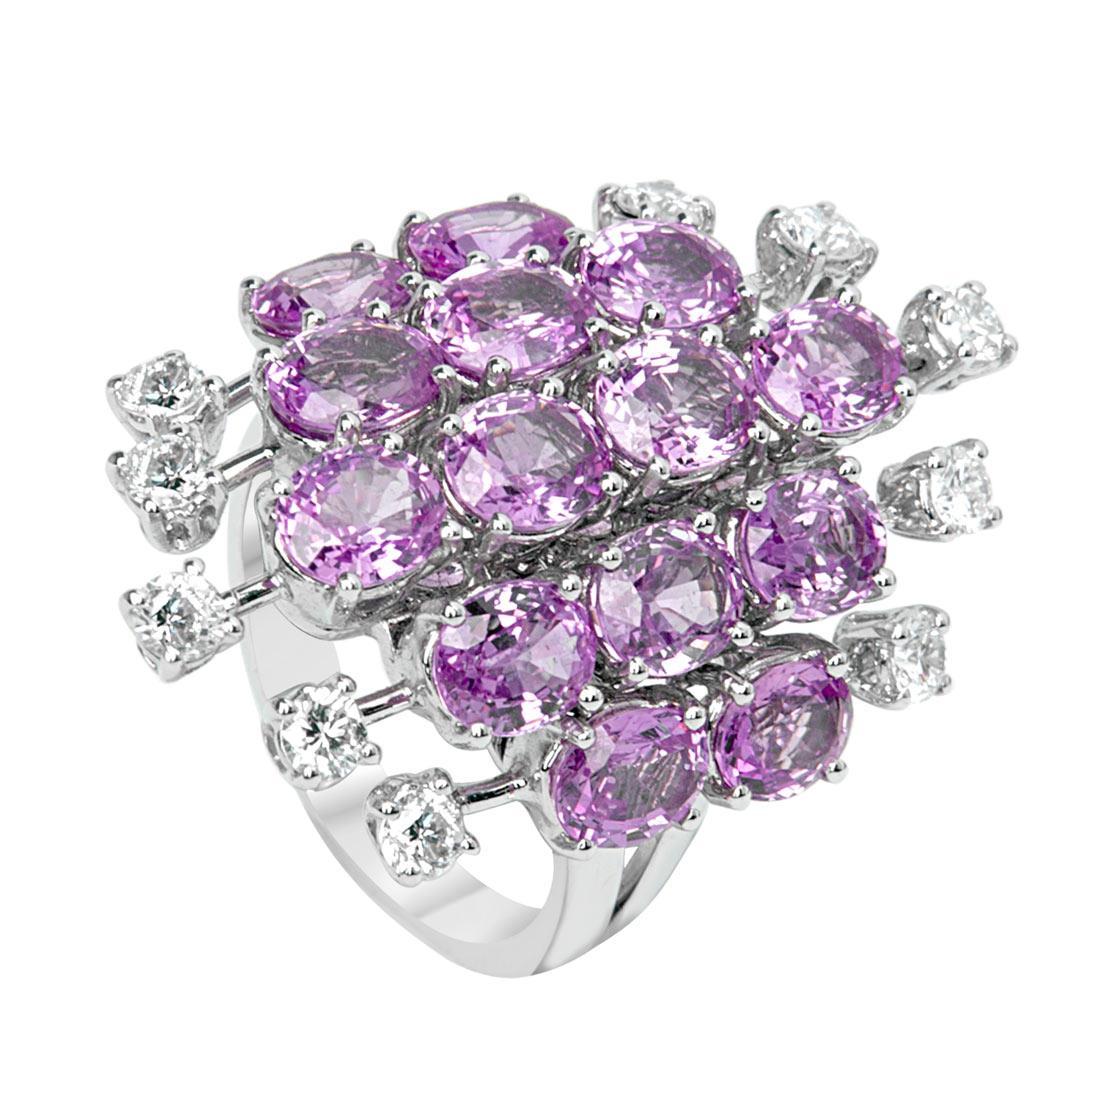 Anello Oro & Co in oro bianco con diamanti ct 0.85 colore G purezza SI e zaffiri ct 8,35  - ORO&CO